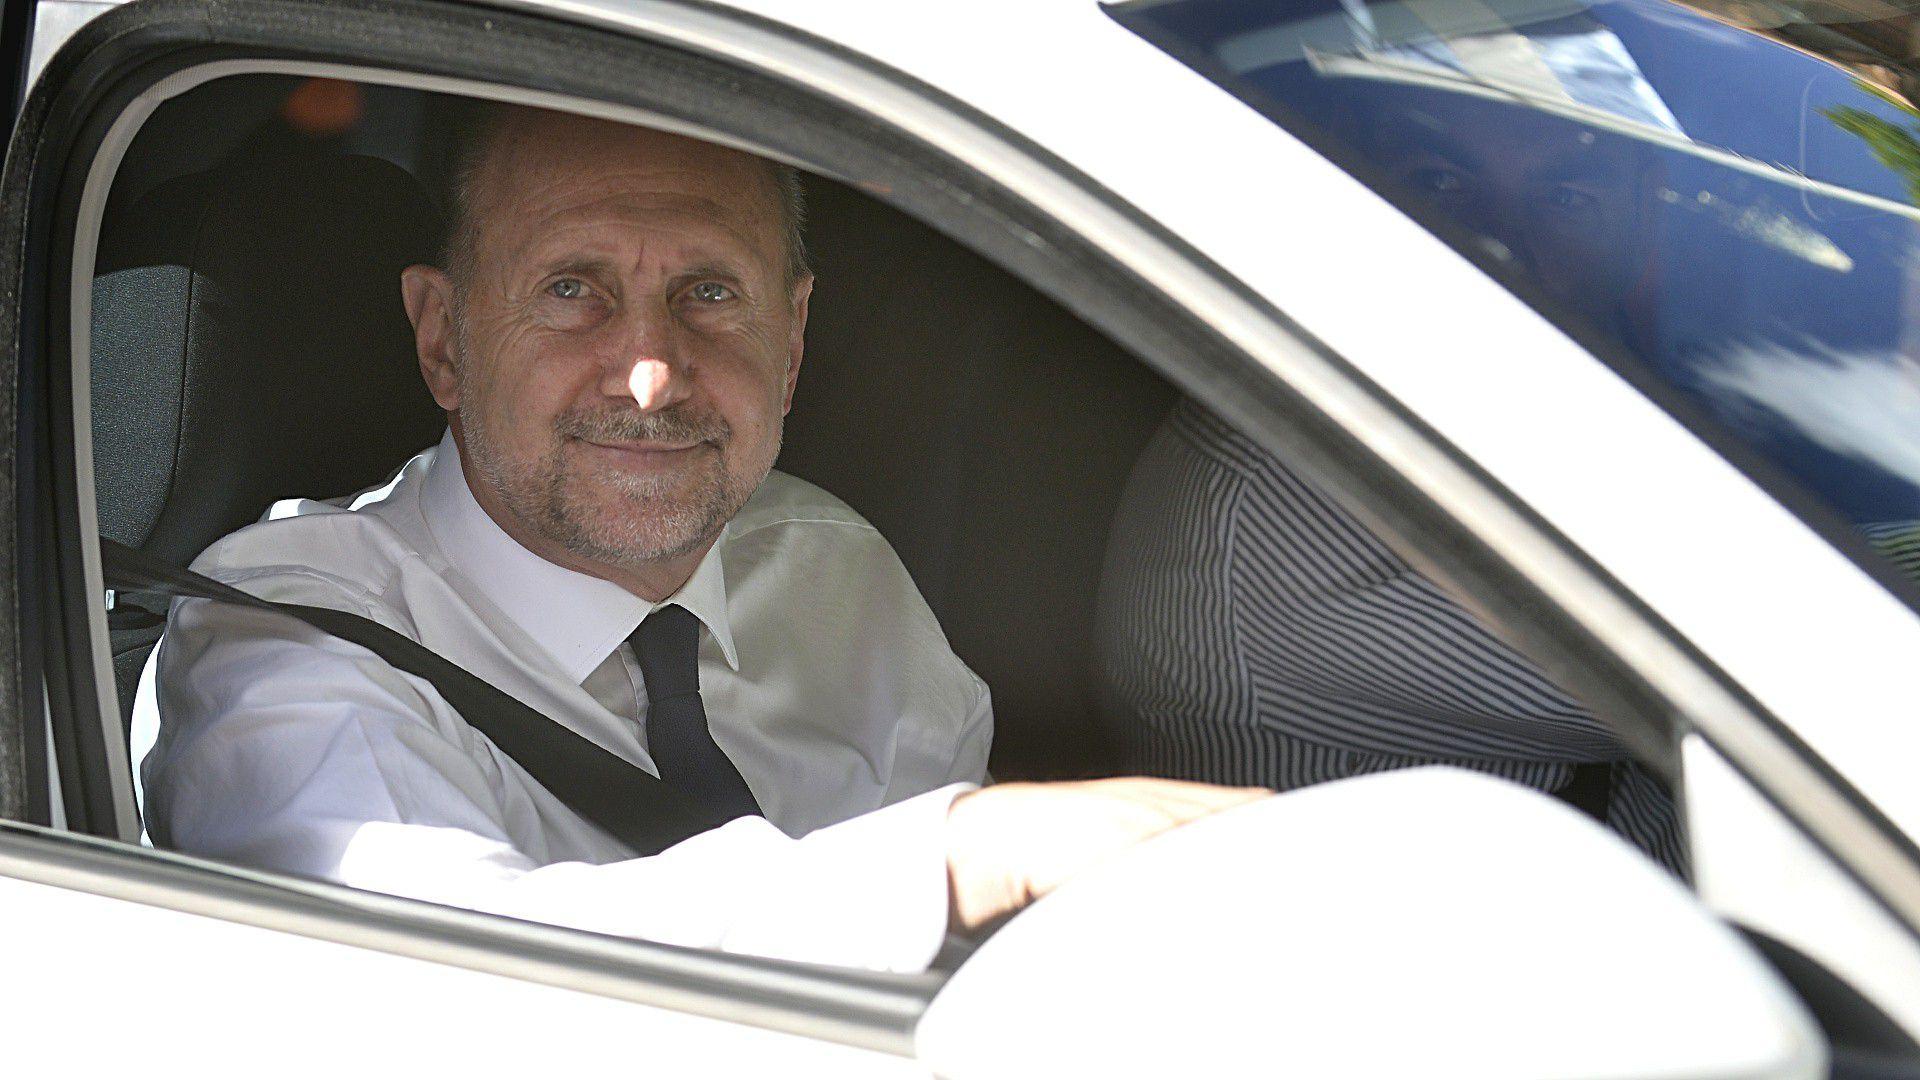 El santafesino Perotti (PJ), llegando a Olivos. Fue uno de los que impulsó decretar sin más demoras la cuarentena.